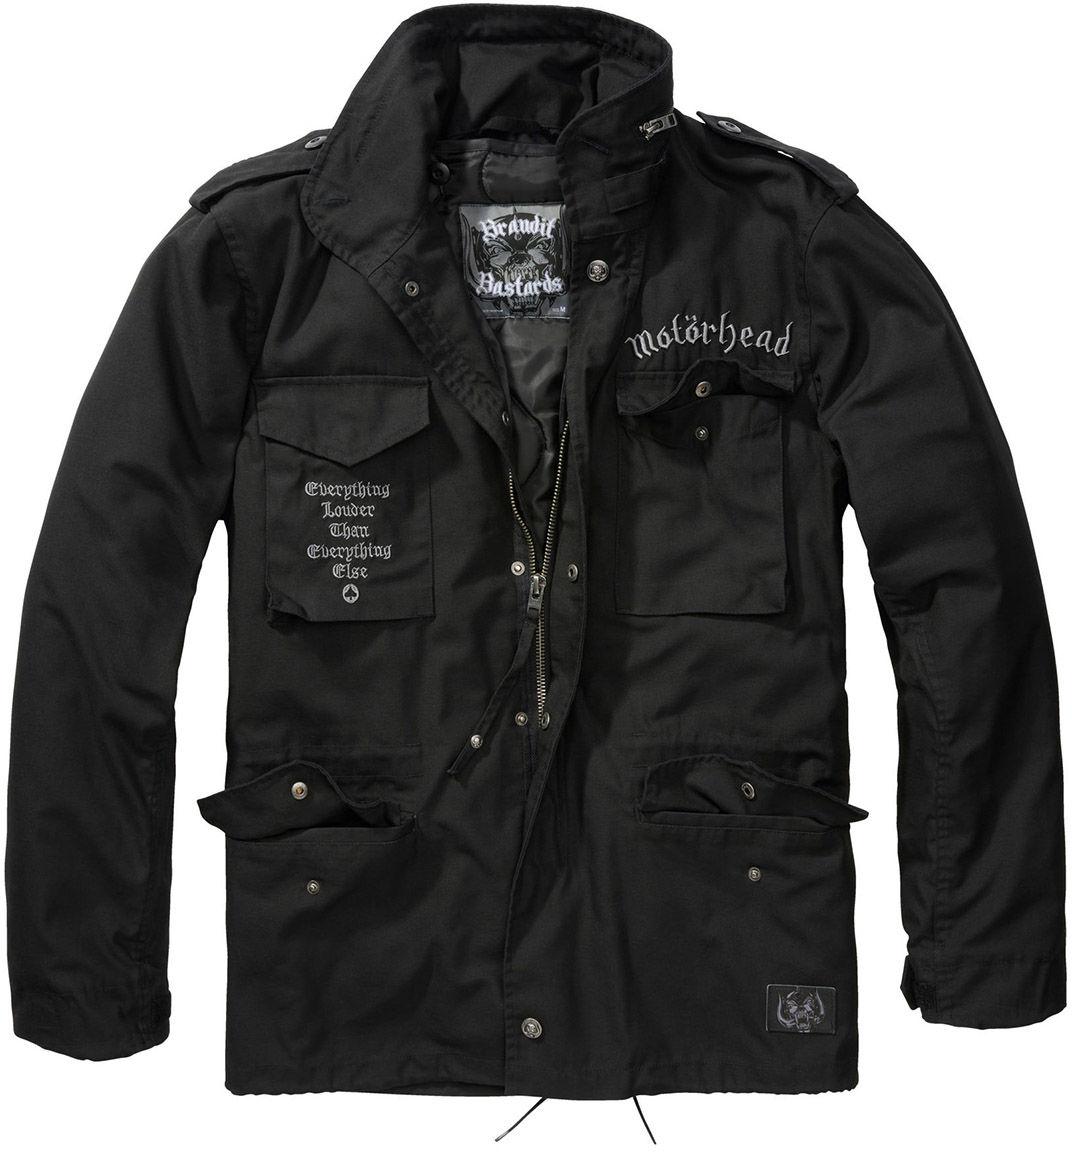 Kurtka Brandit M65 Classic Motorhead Black (61003-2)